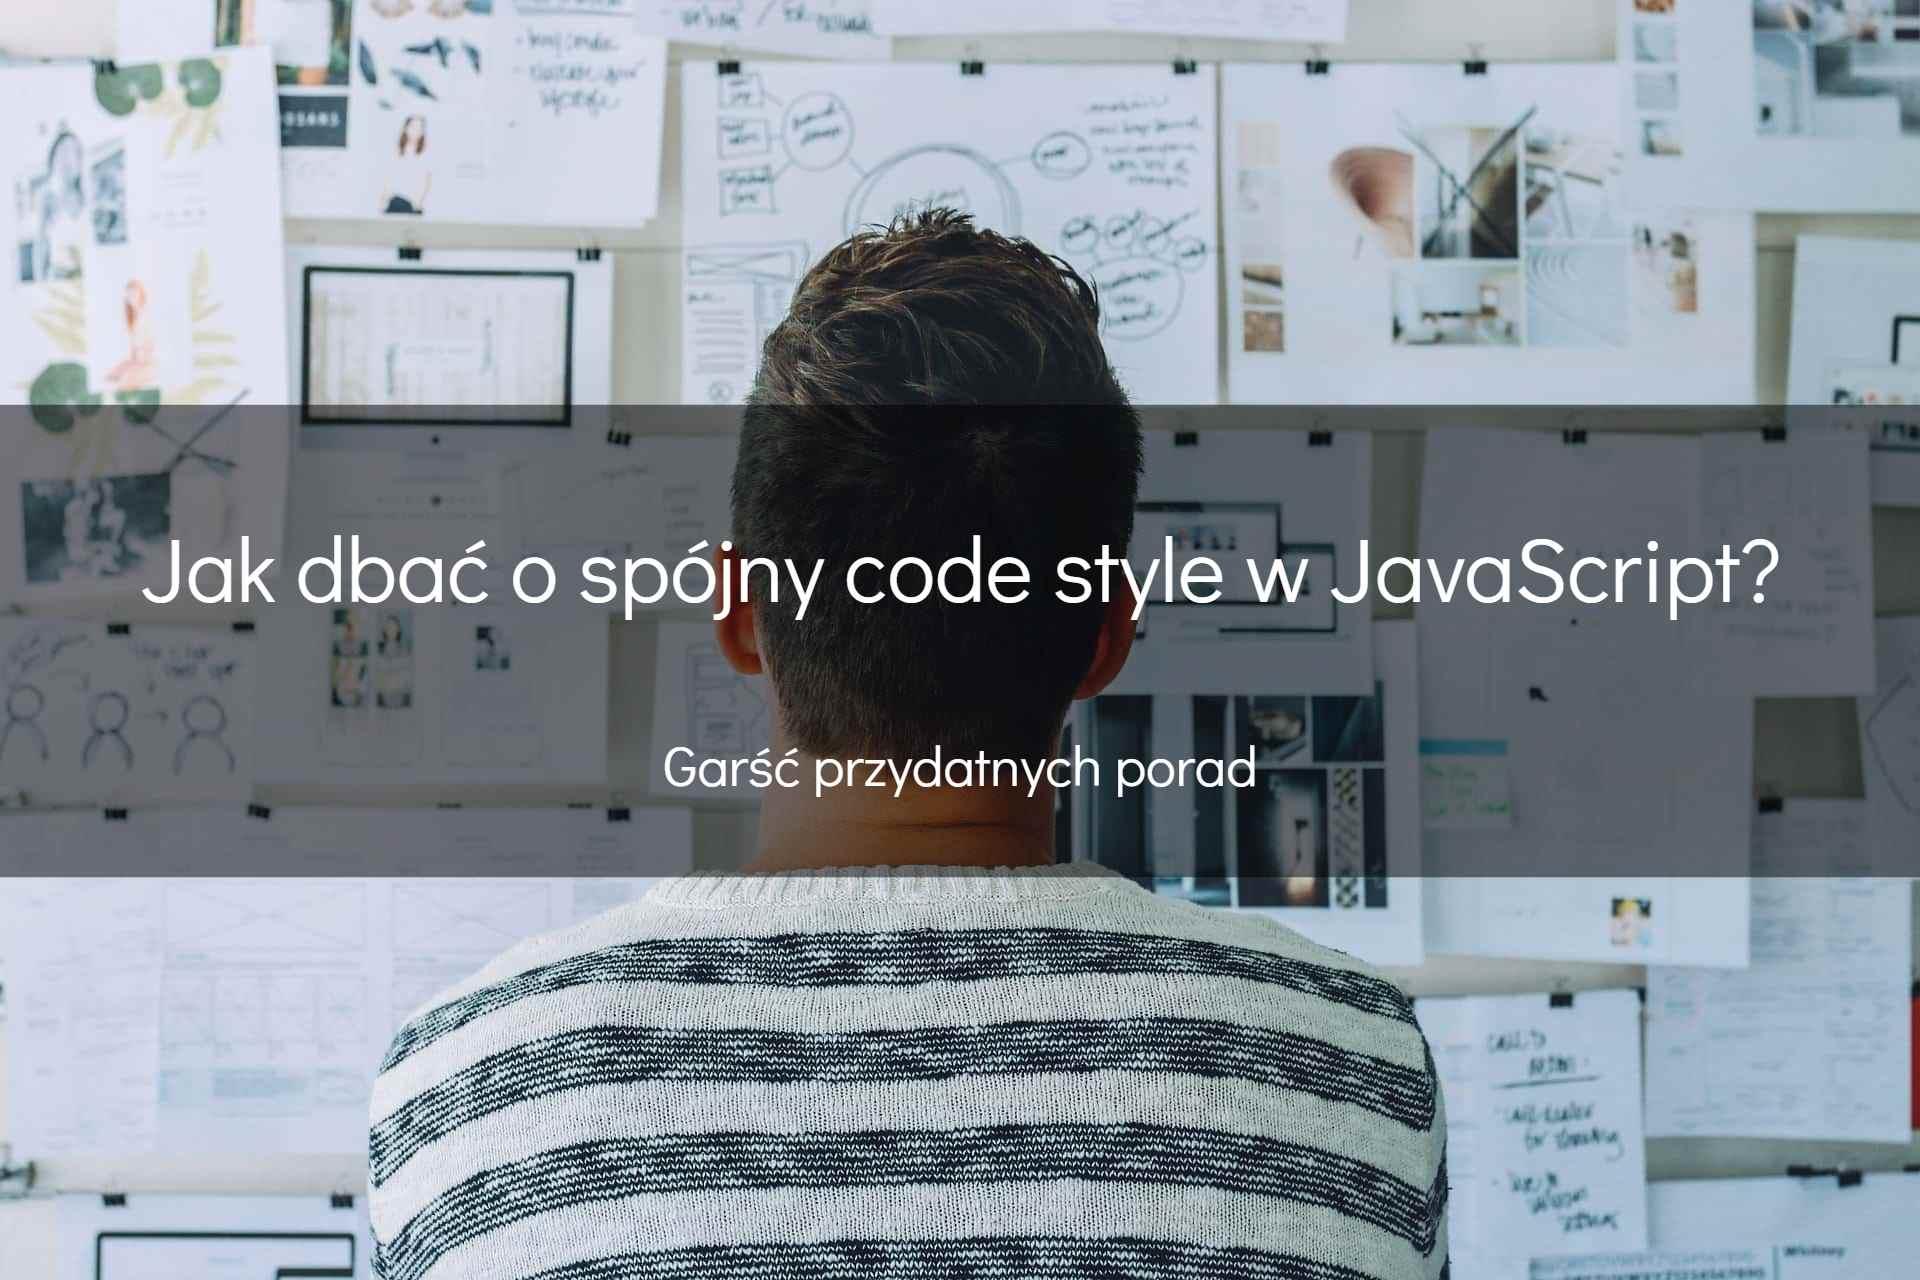 Jak dbać ospójny code style wJavaScript?